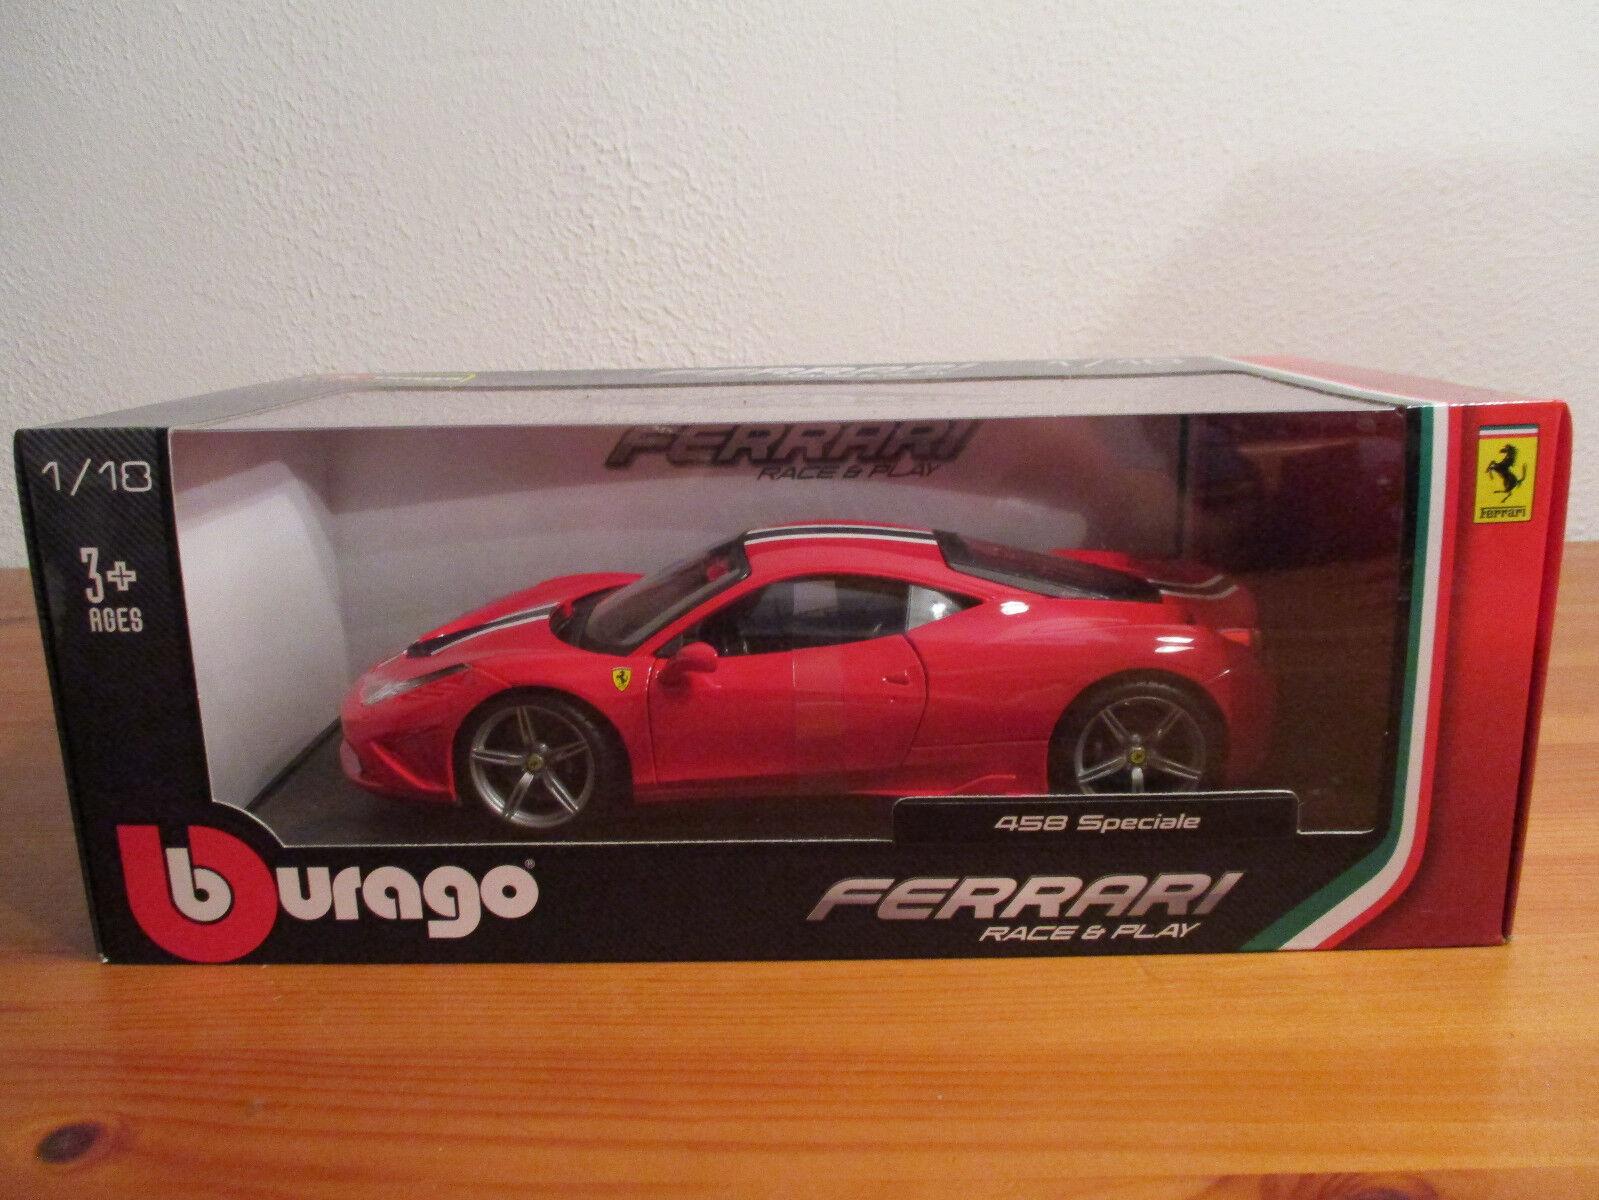 (Go) 1 18 Burago Ferrari 458 Spéciale NIP